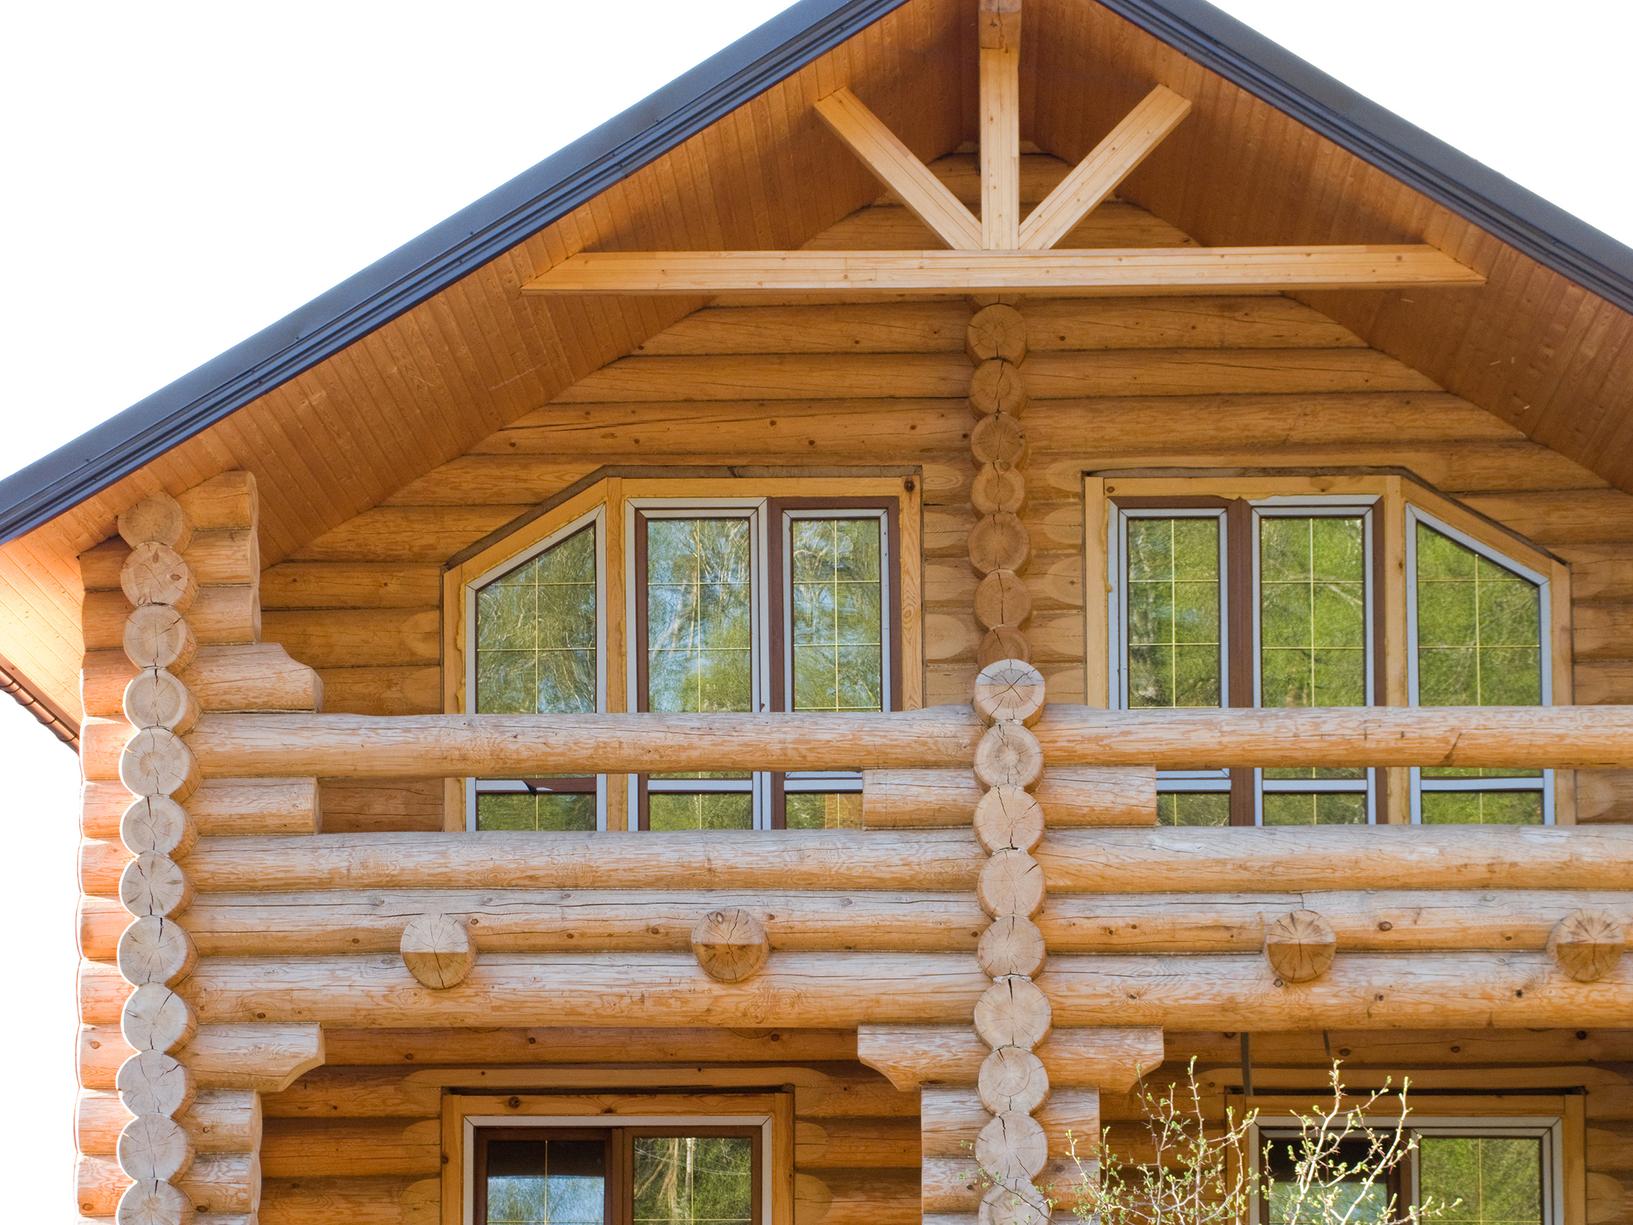 Construire sa maison en madrier autoclave au meilleur prix for Rehausser sa maison prix